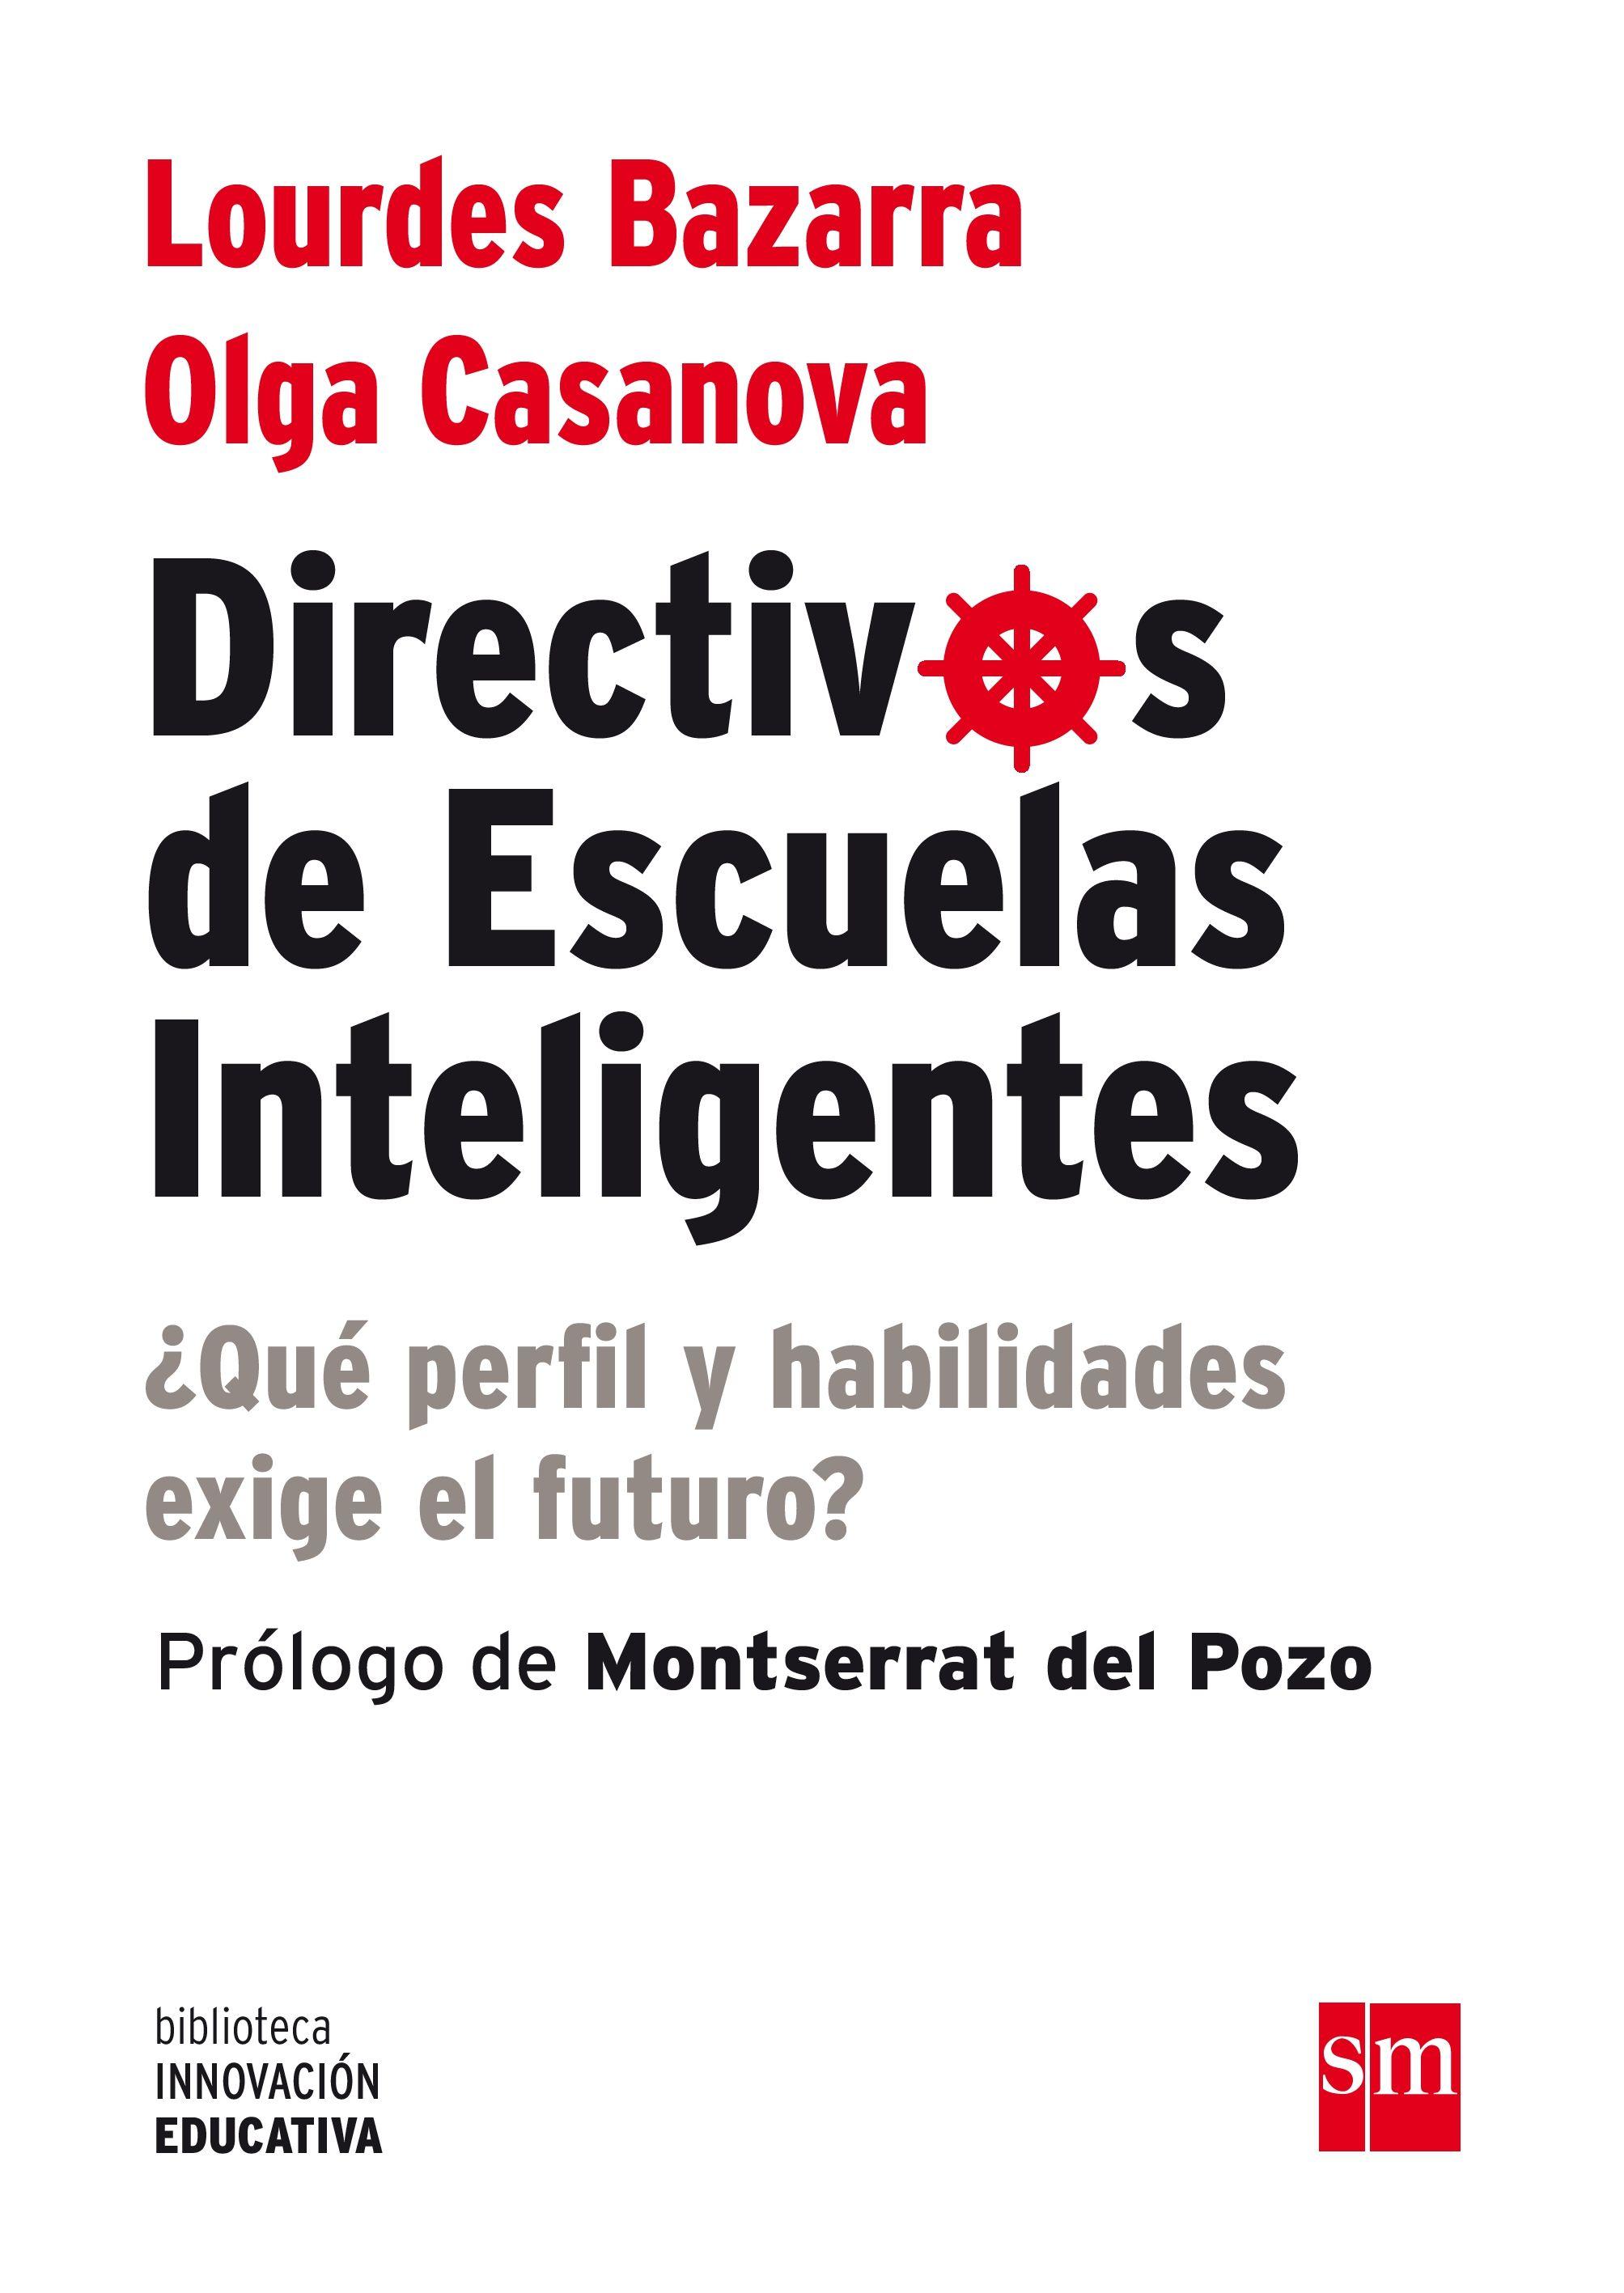 BIE.DIRECTIVOS DE ESCUELAS INTELIGENTES